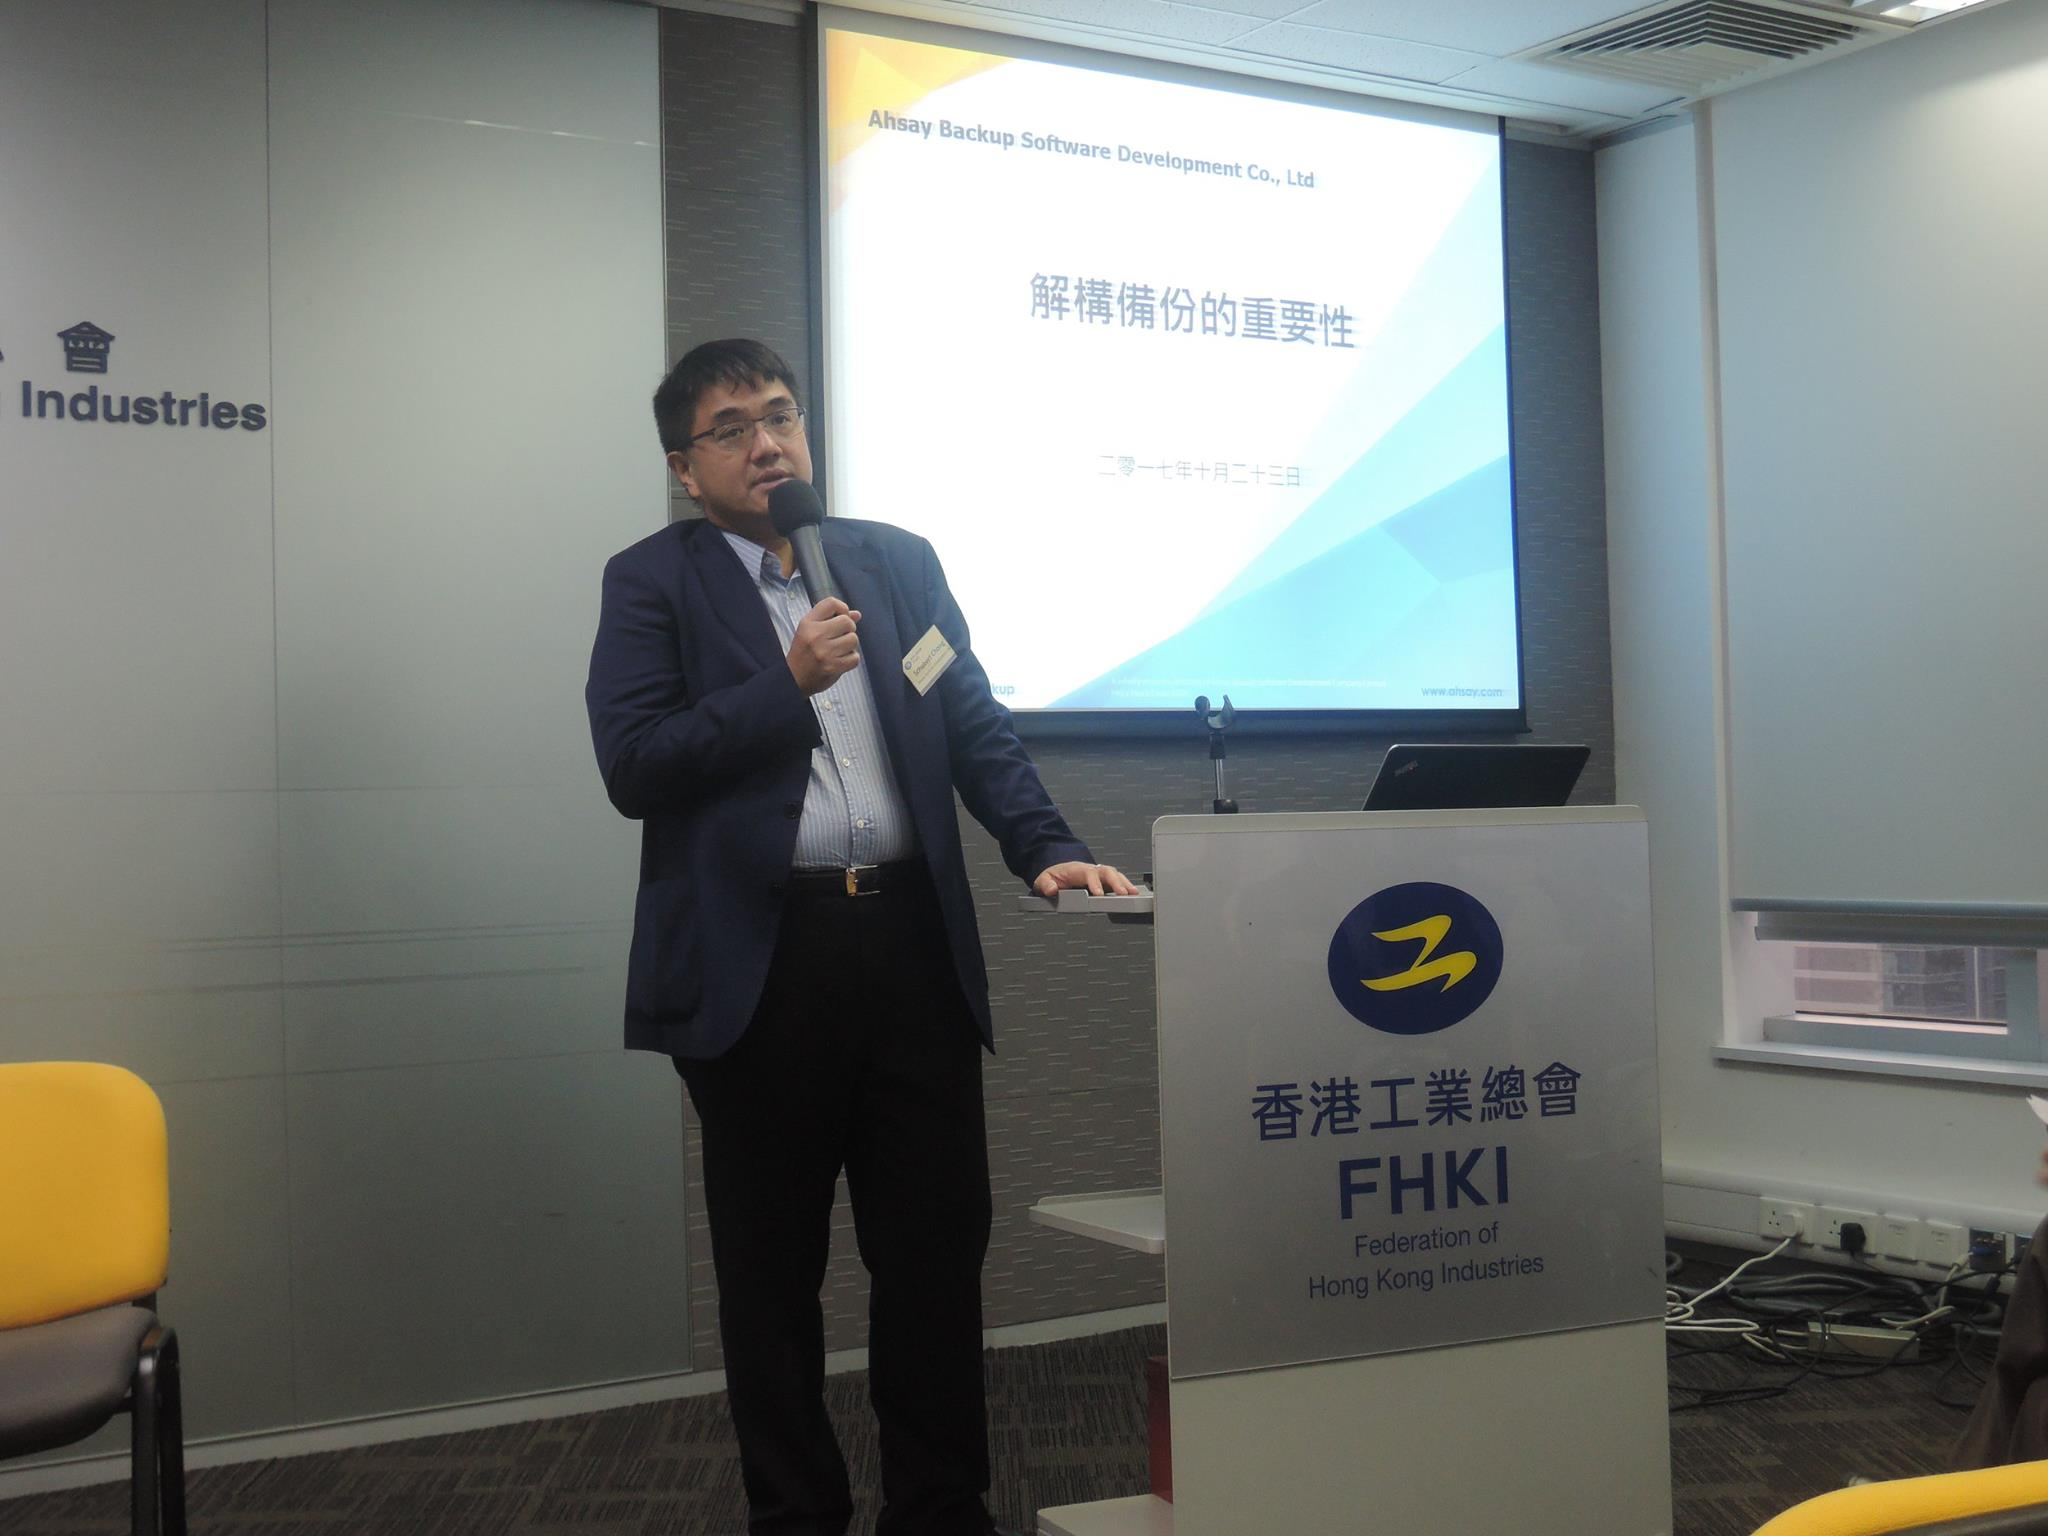 ahsay-fhki-ransomware-seminar